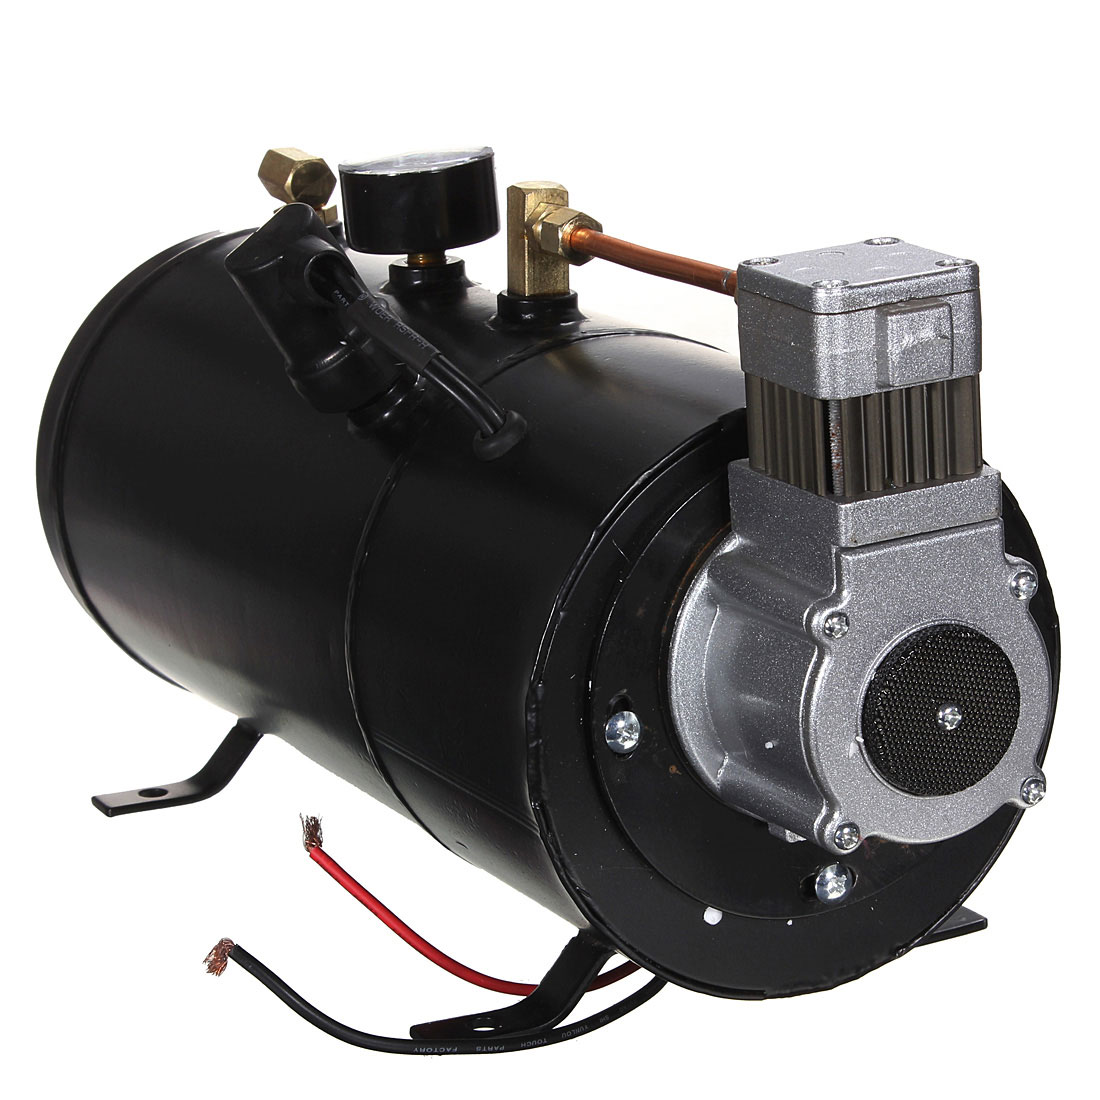 12 В в черный 150PSI воздушный компрессор 3 литров и давление переключатель шланг наборы поезд грузовик прицепы Запчасти для авто